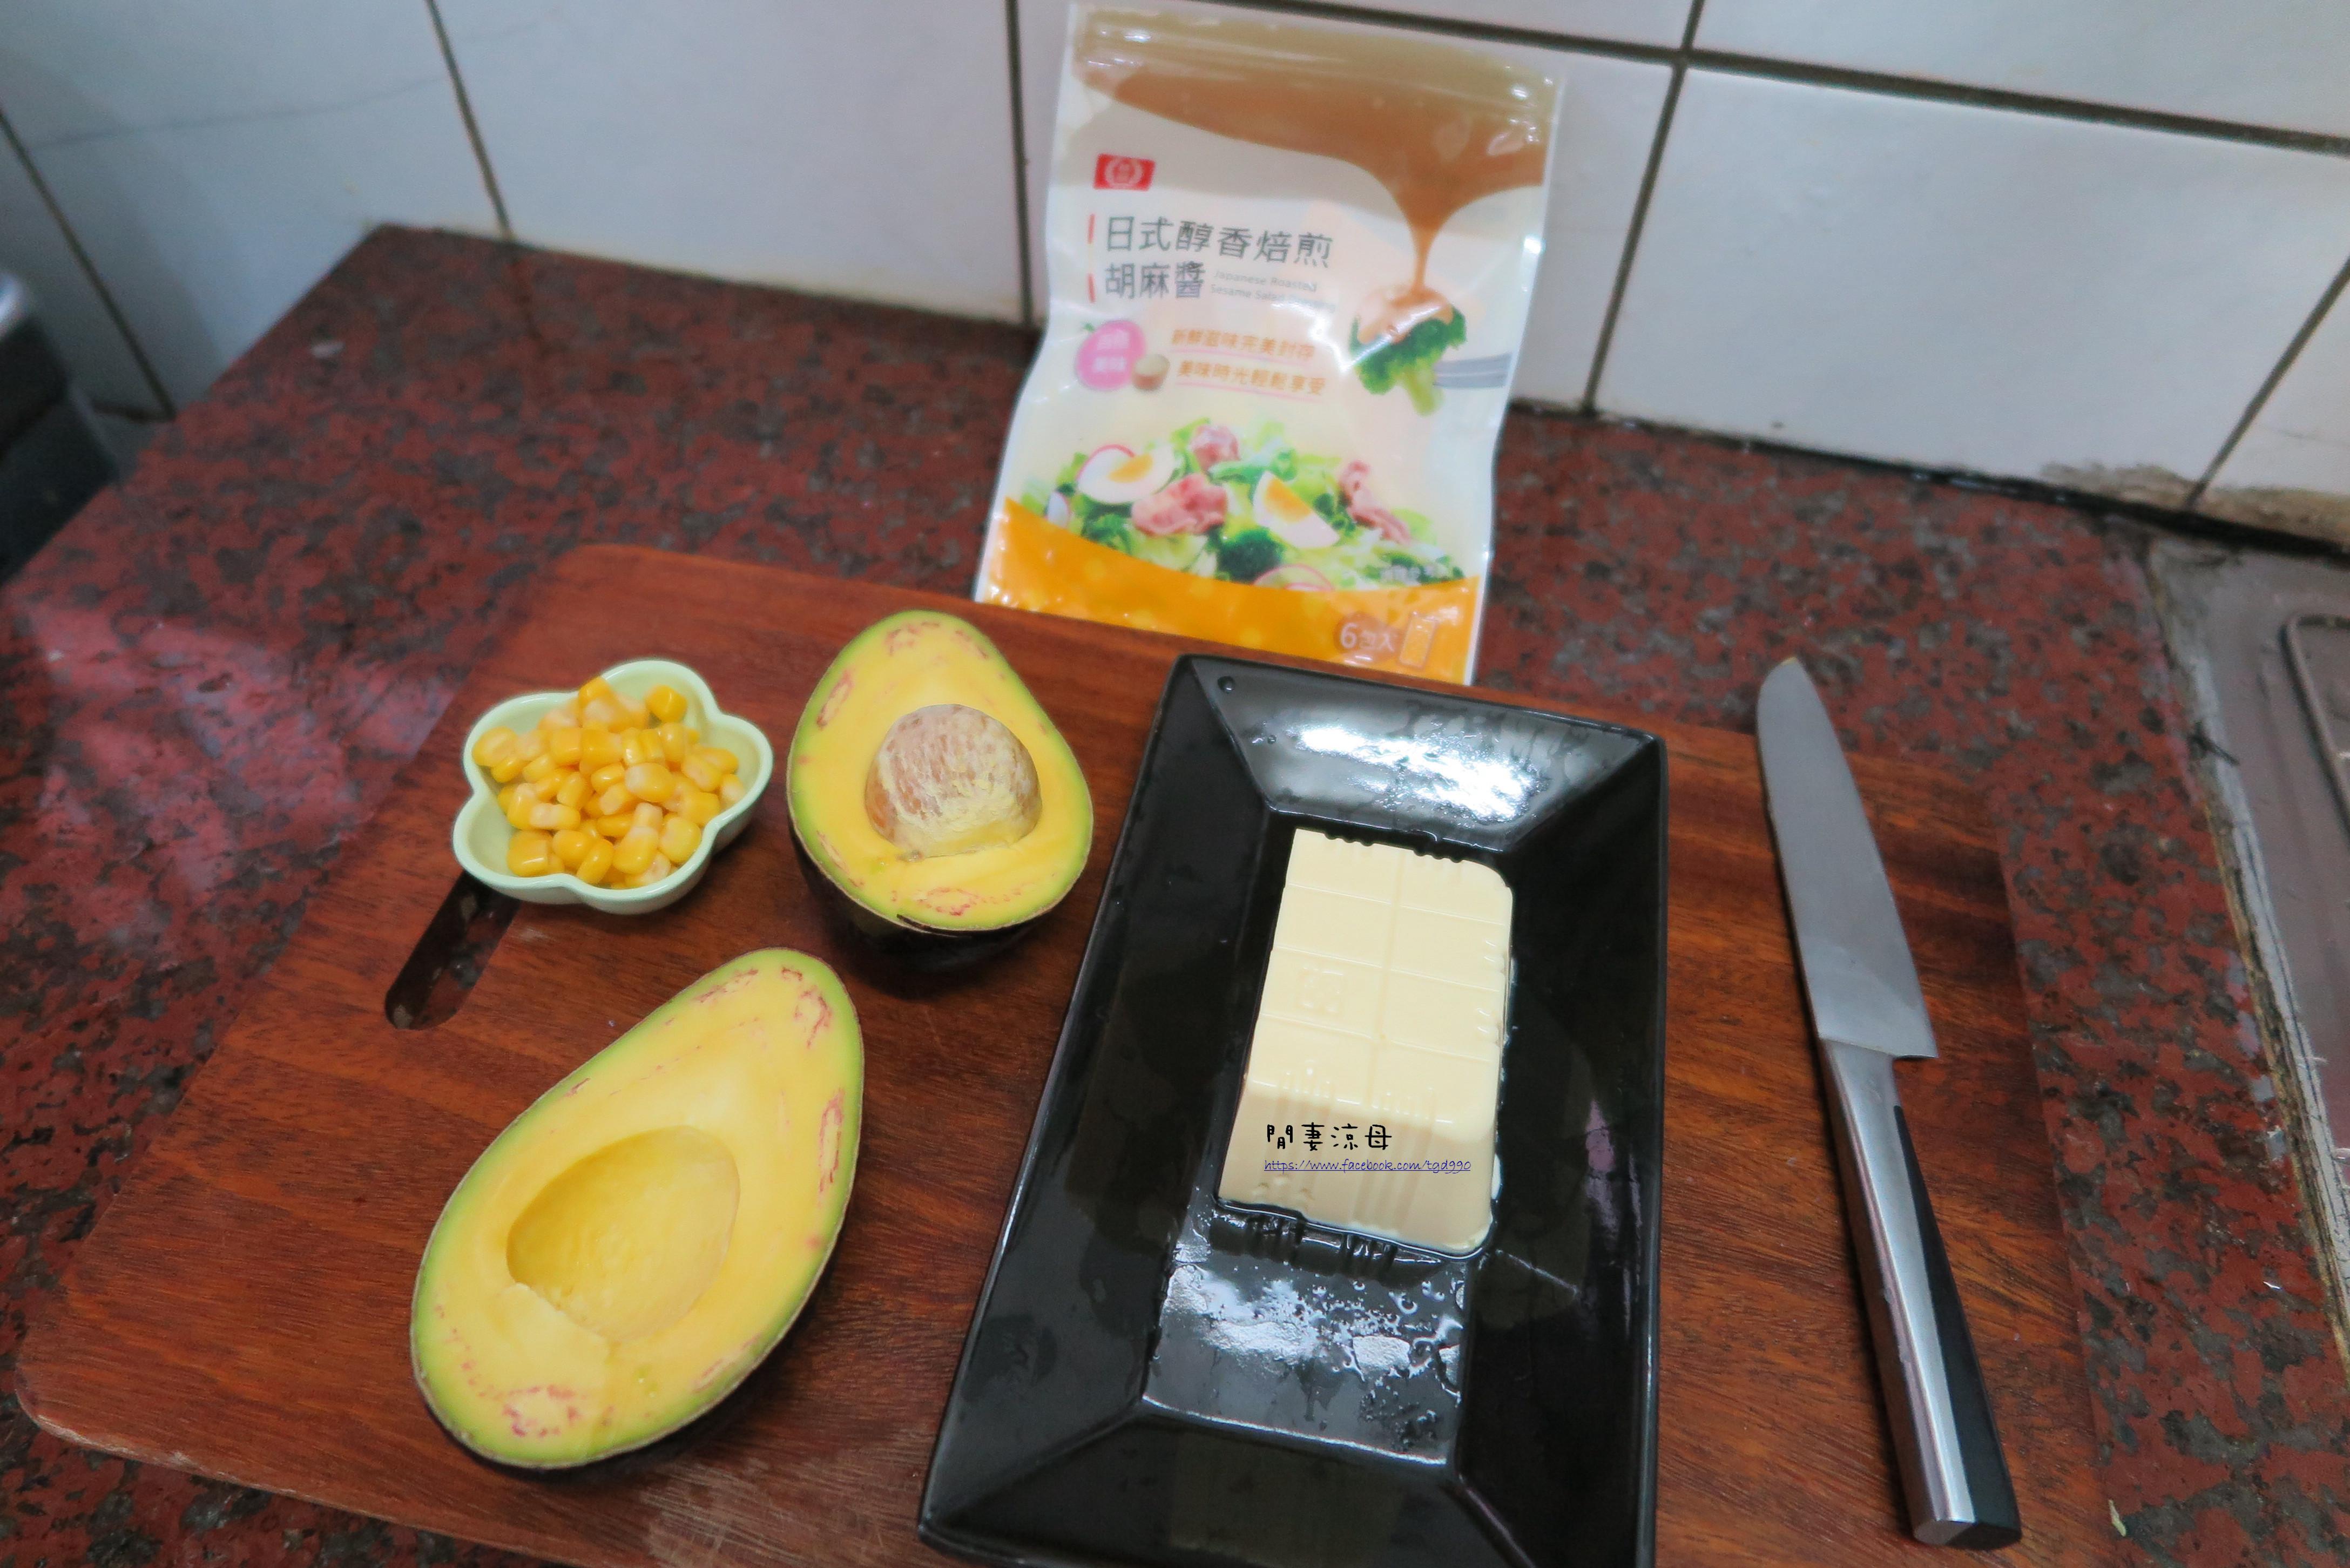 家庭必備之炎夏涼爽就醬拌-桂冠風味沙拉的第 3 張圖片